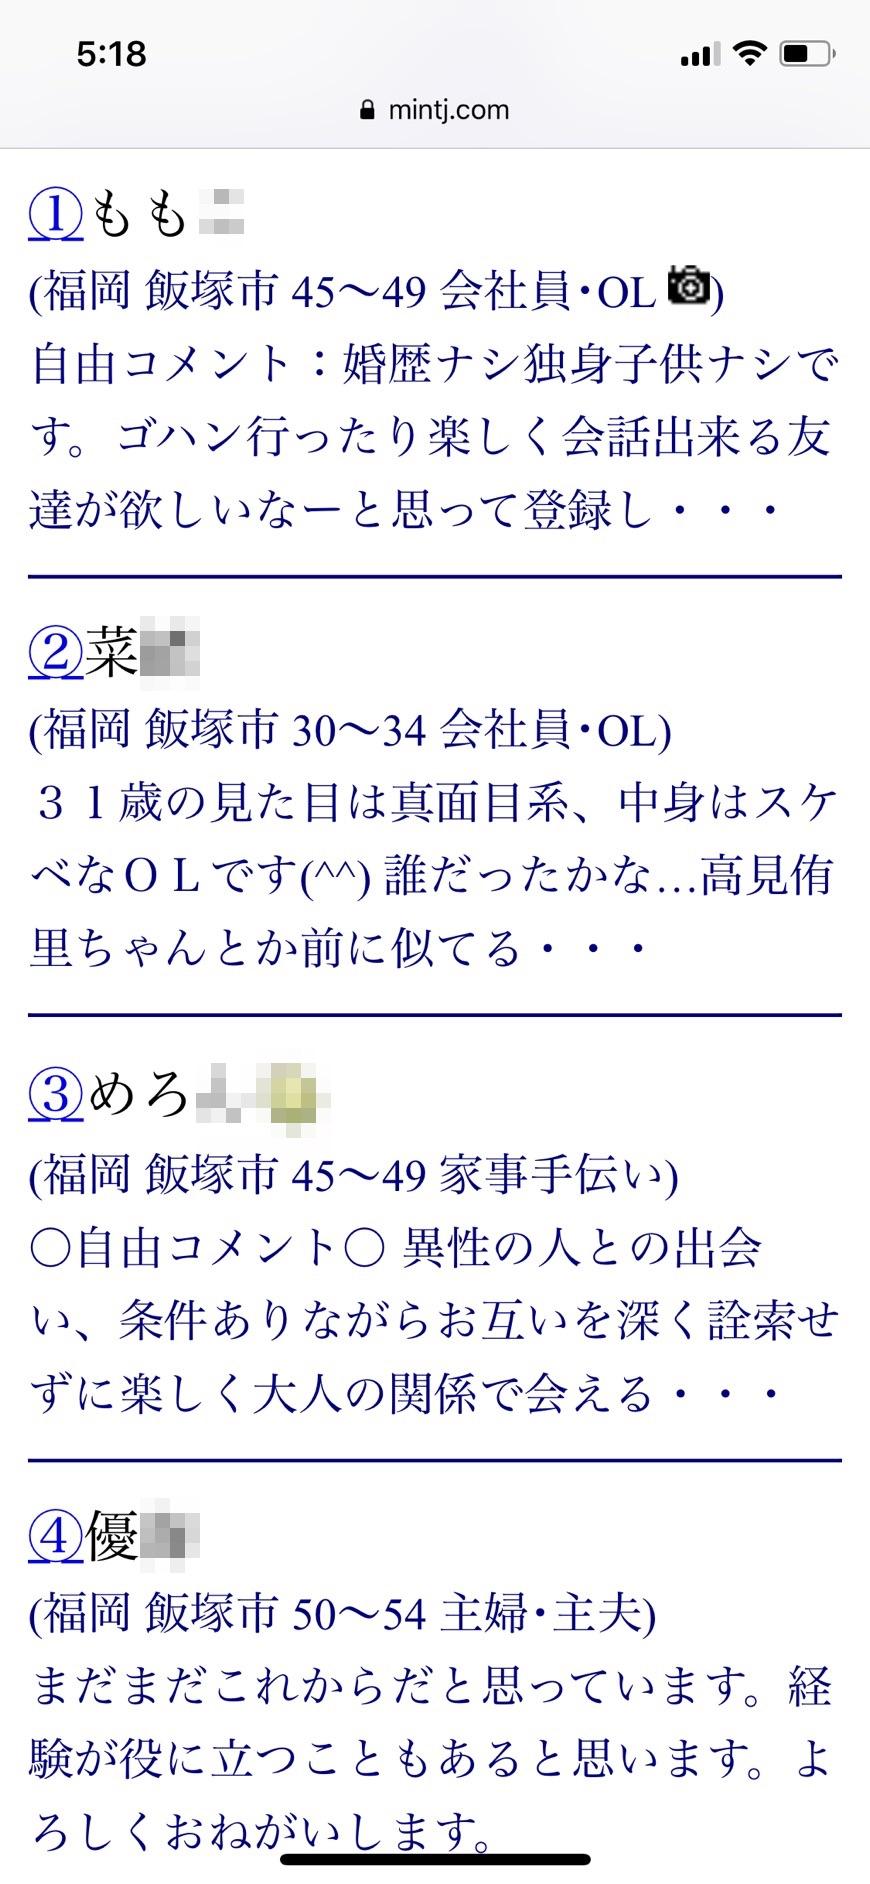 飯塚・出会い希望(Jメール)